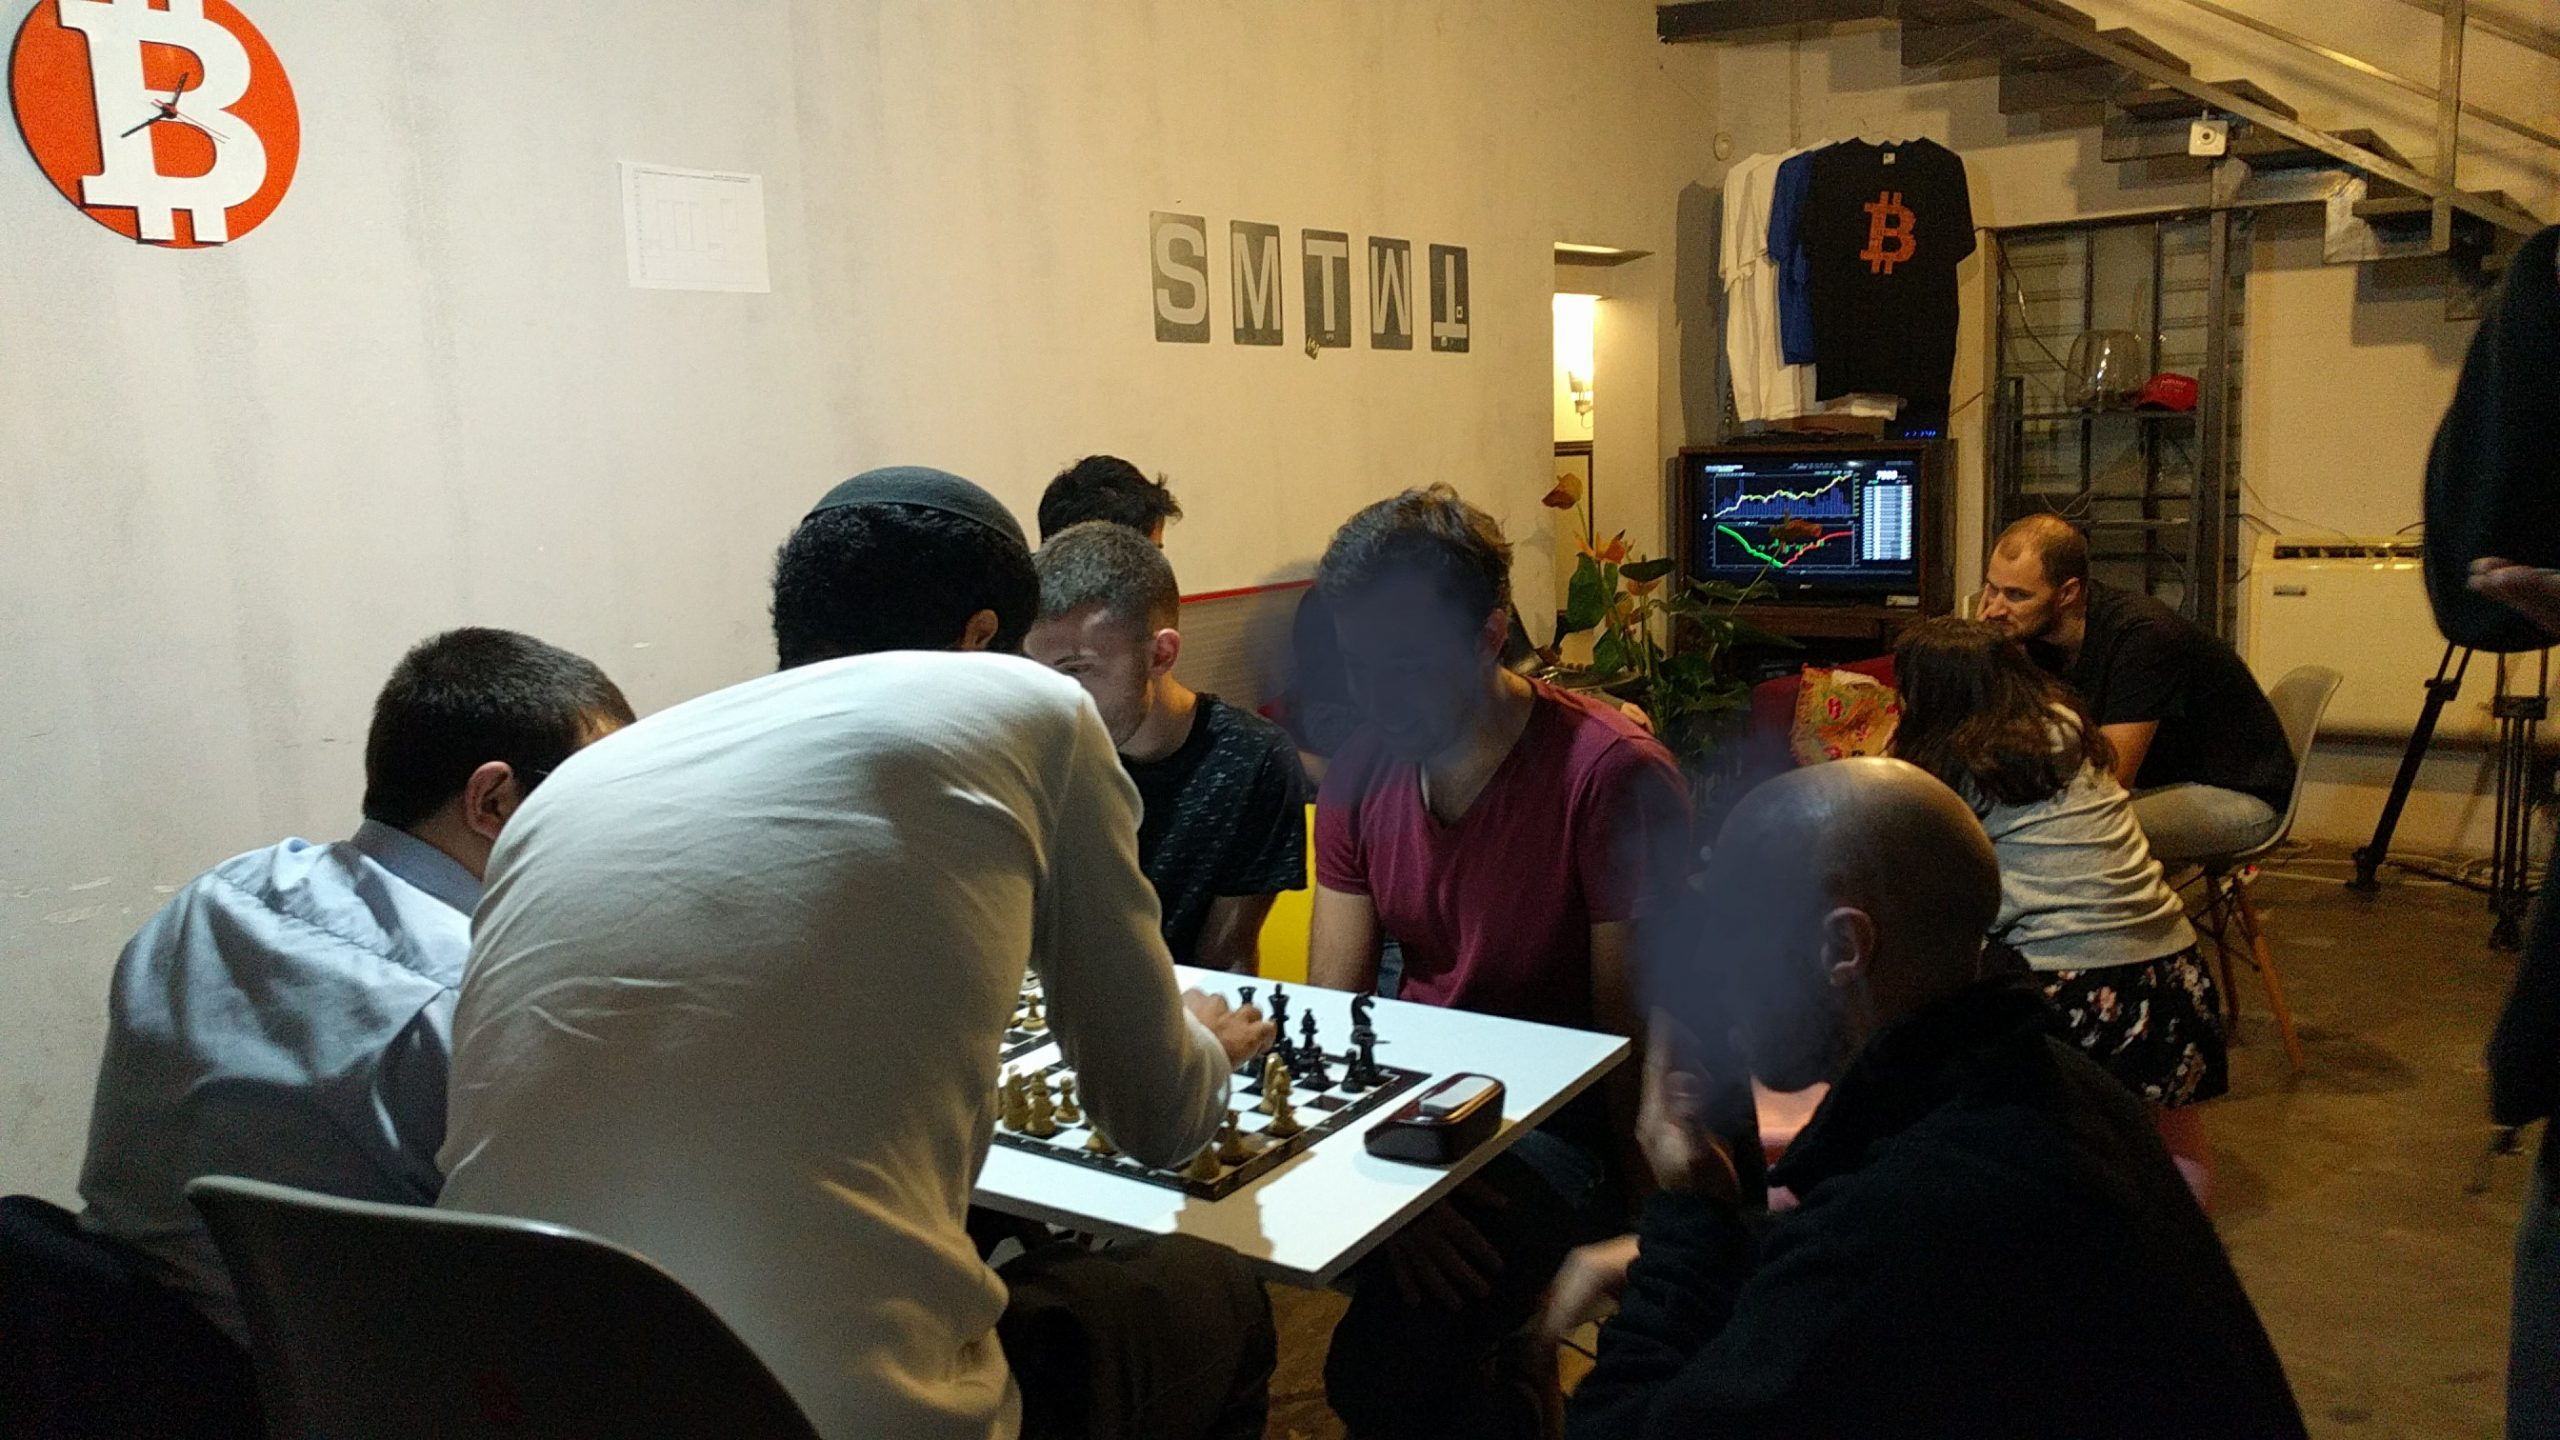 משחקים שח בשגרירות (מטושטש)